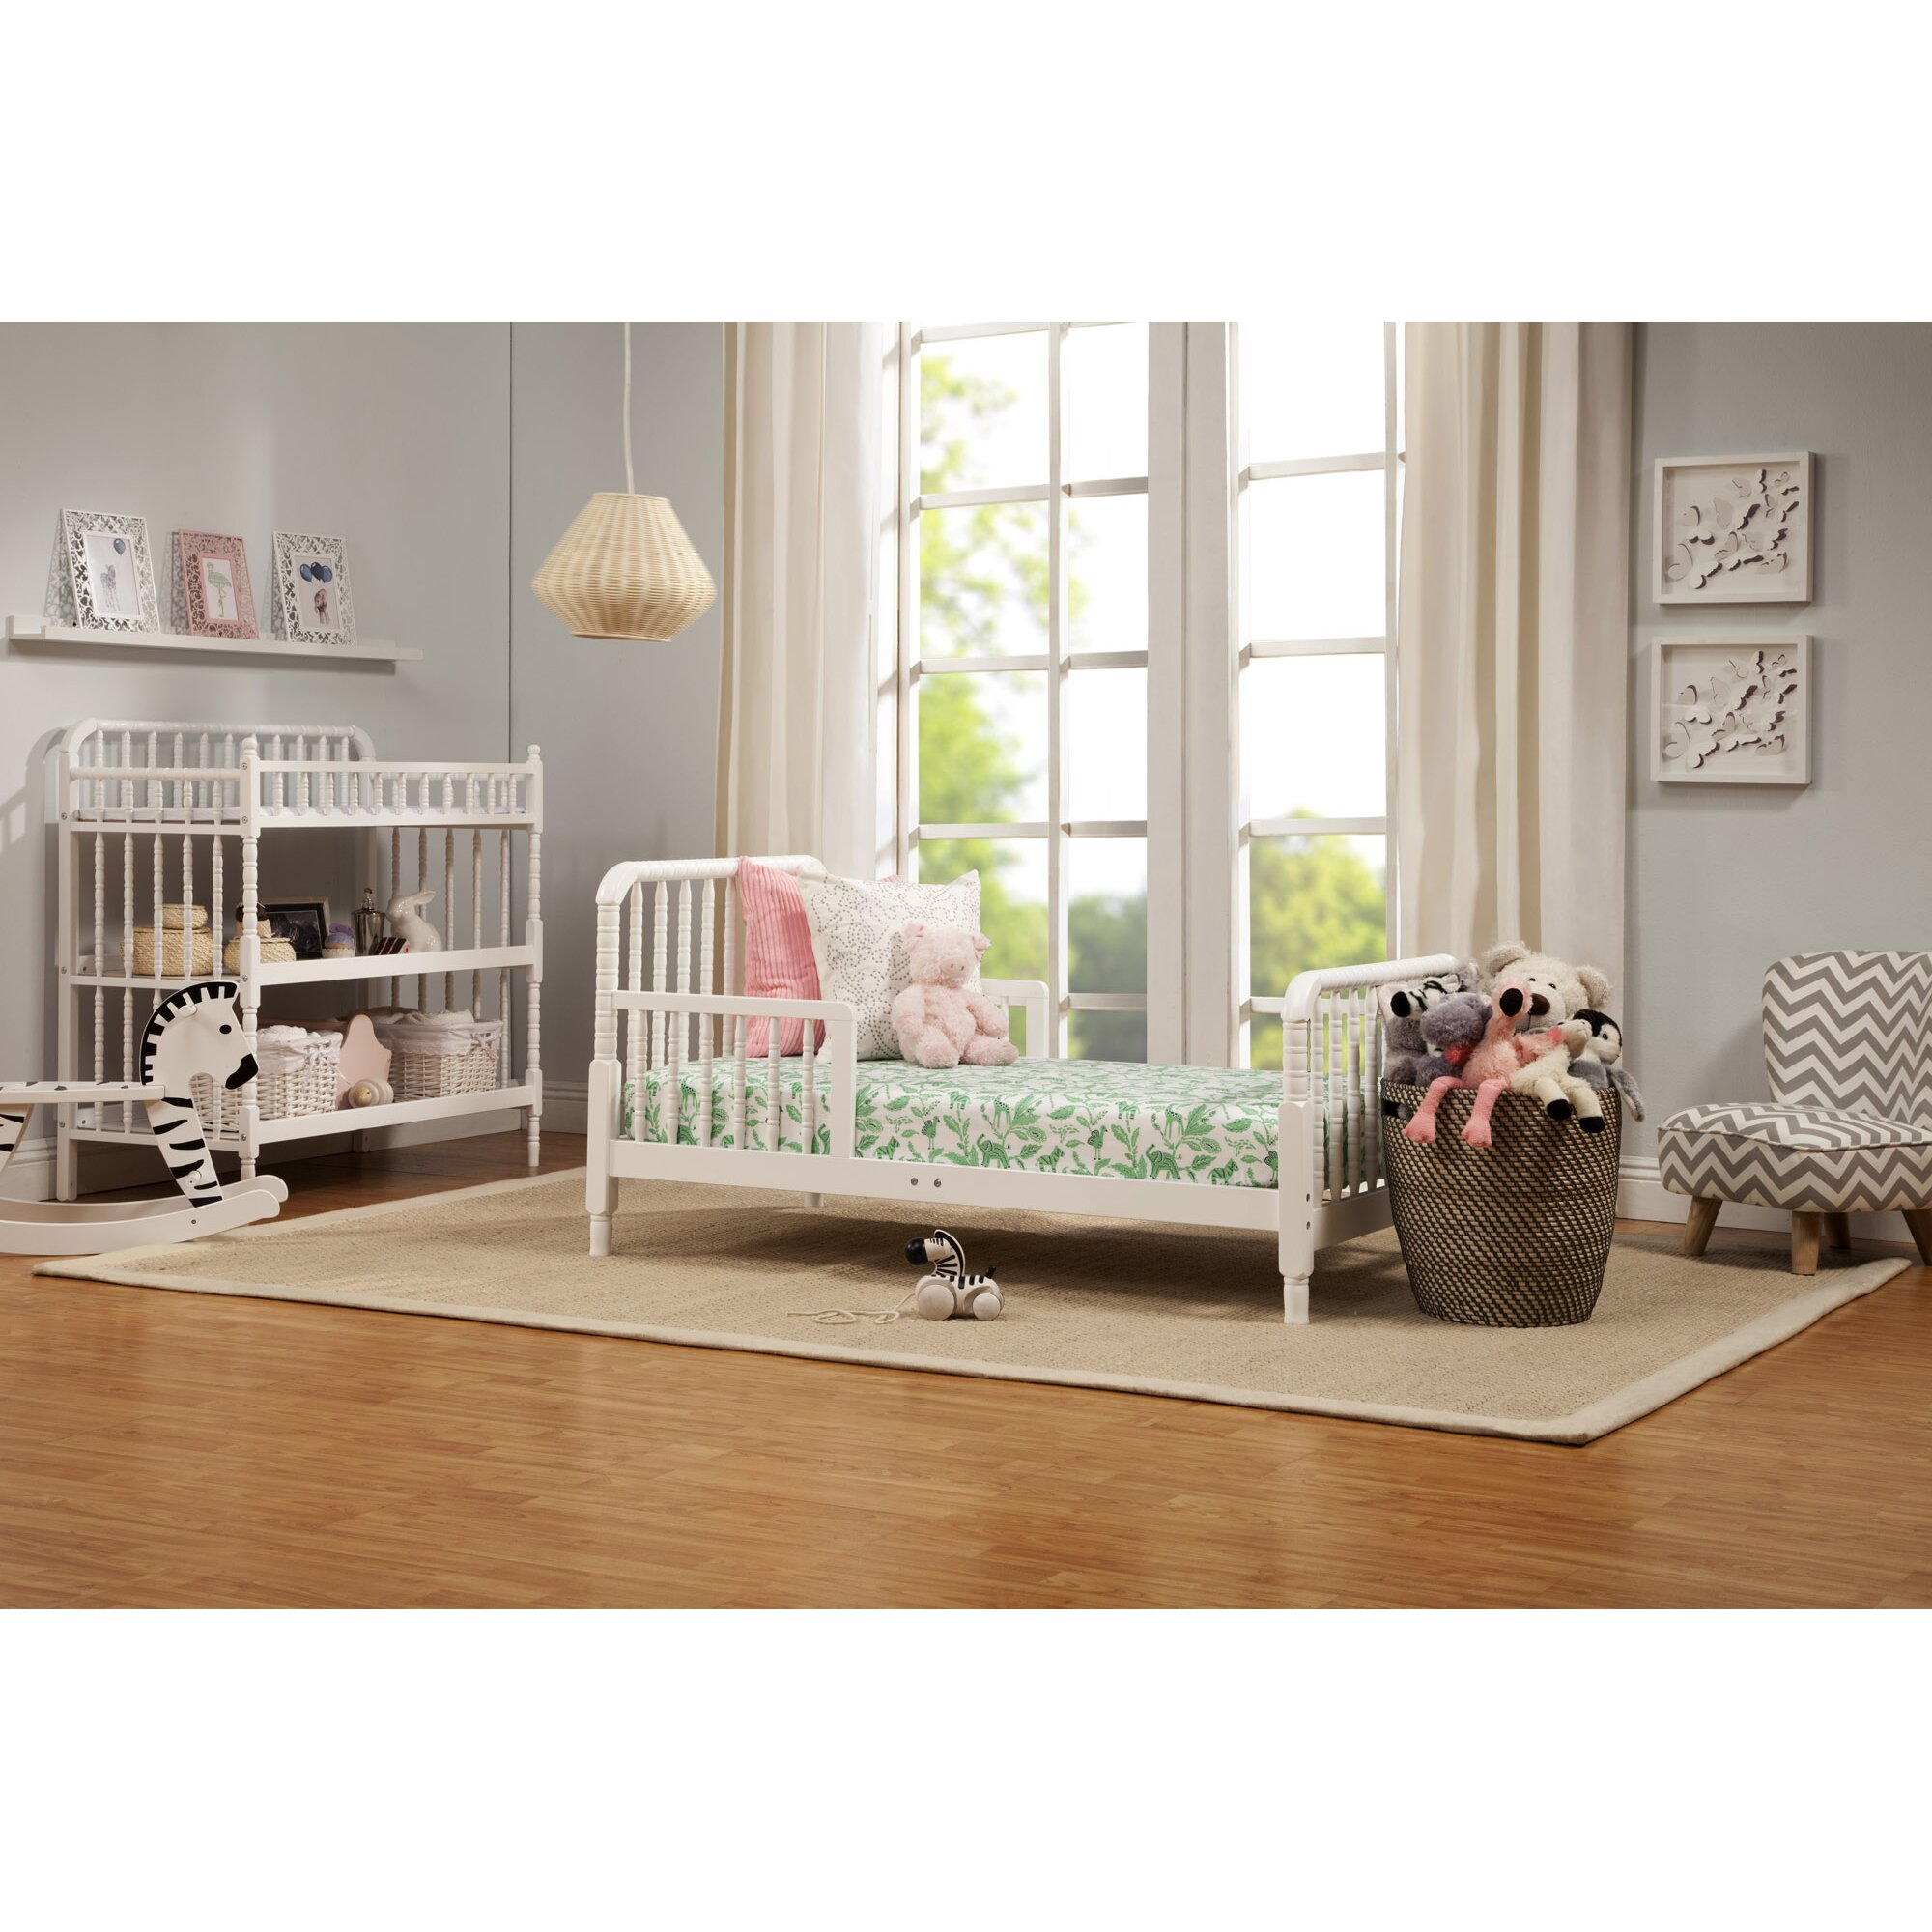 DaVinci Jenny Lind Toddler Slat Bed Amp Reviews